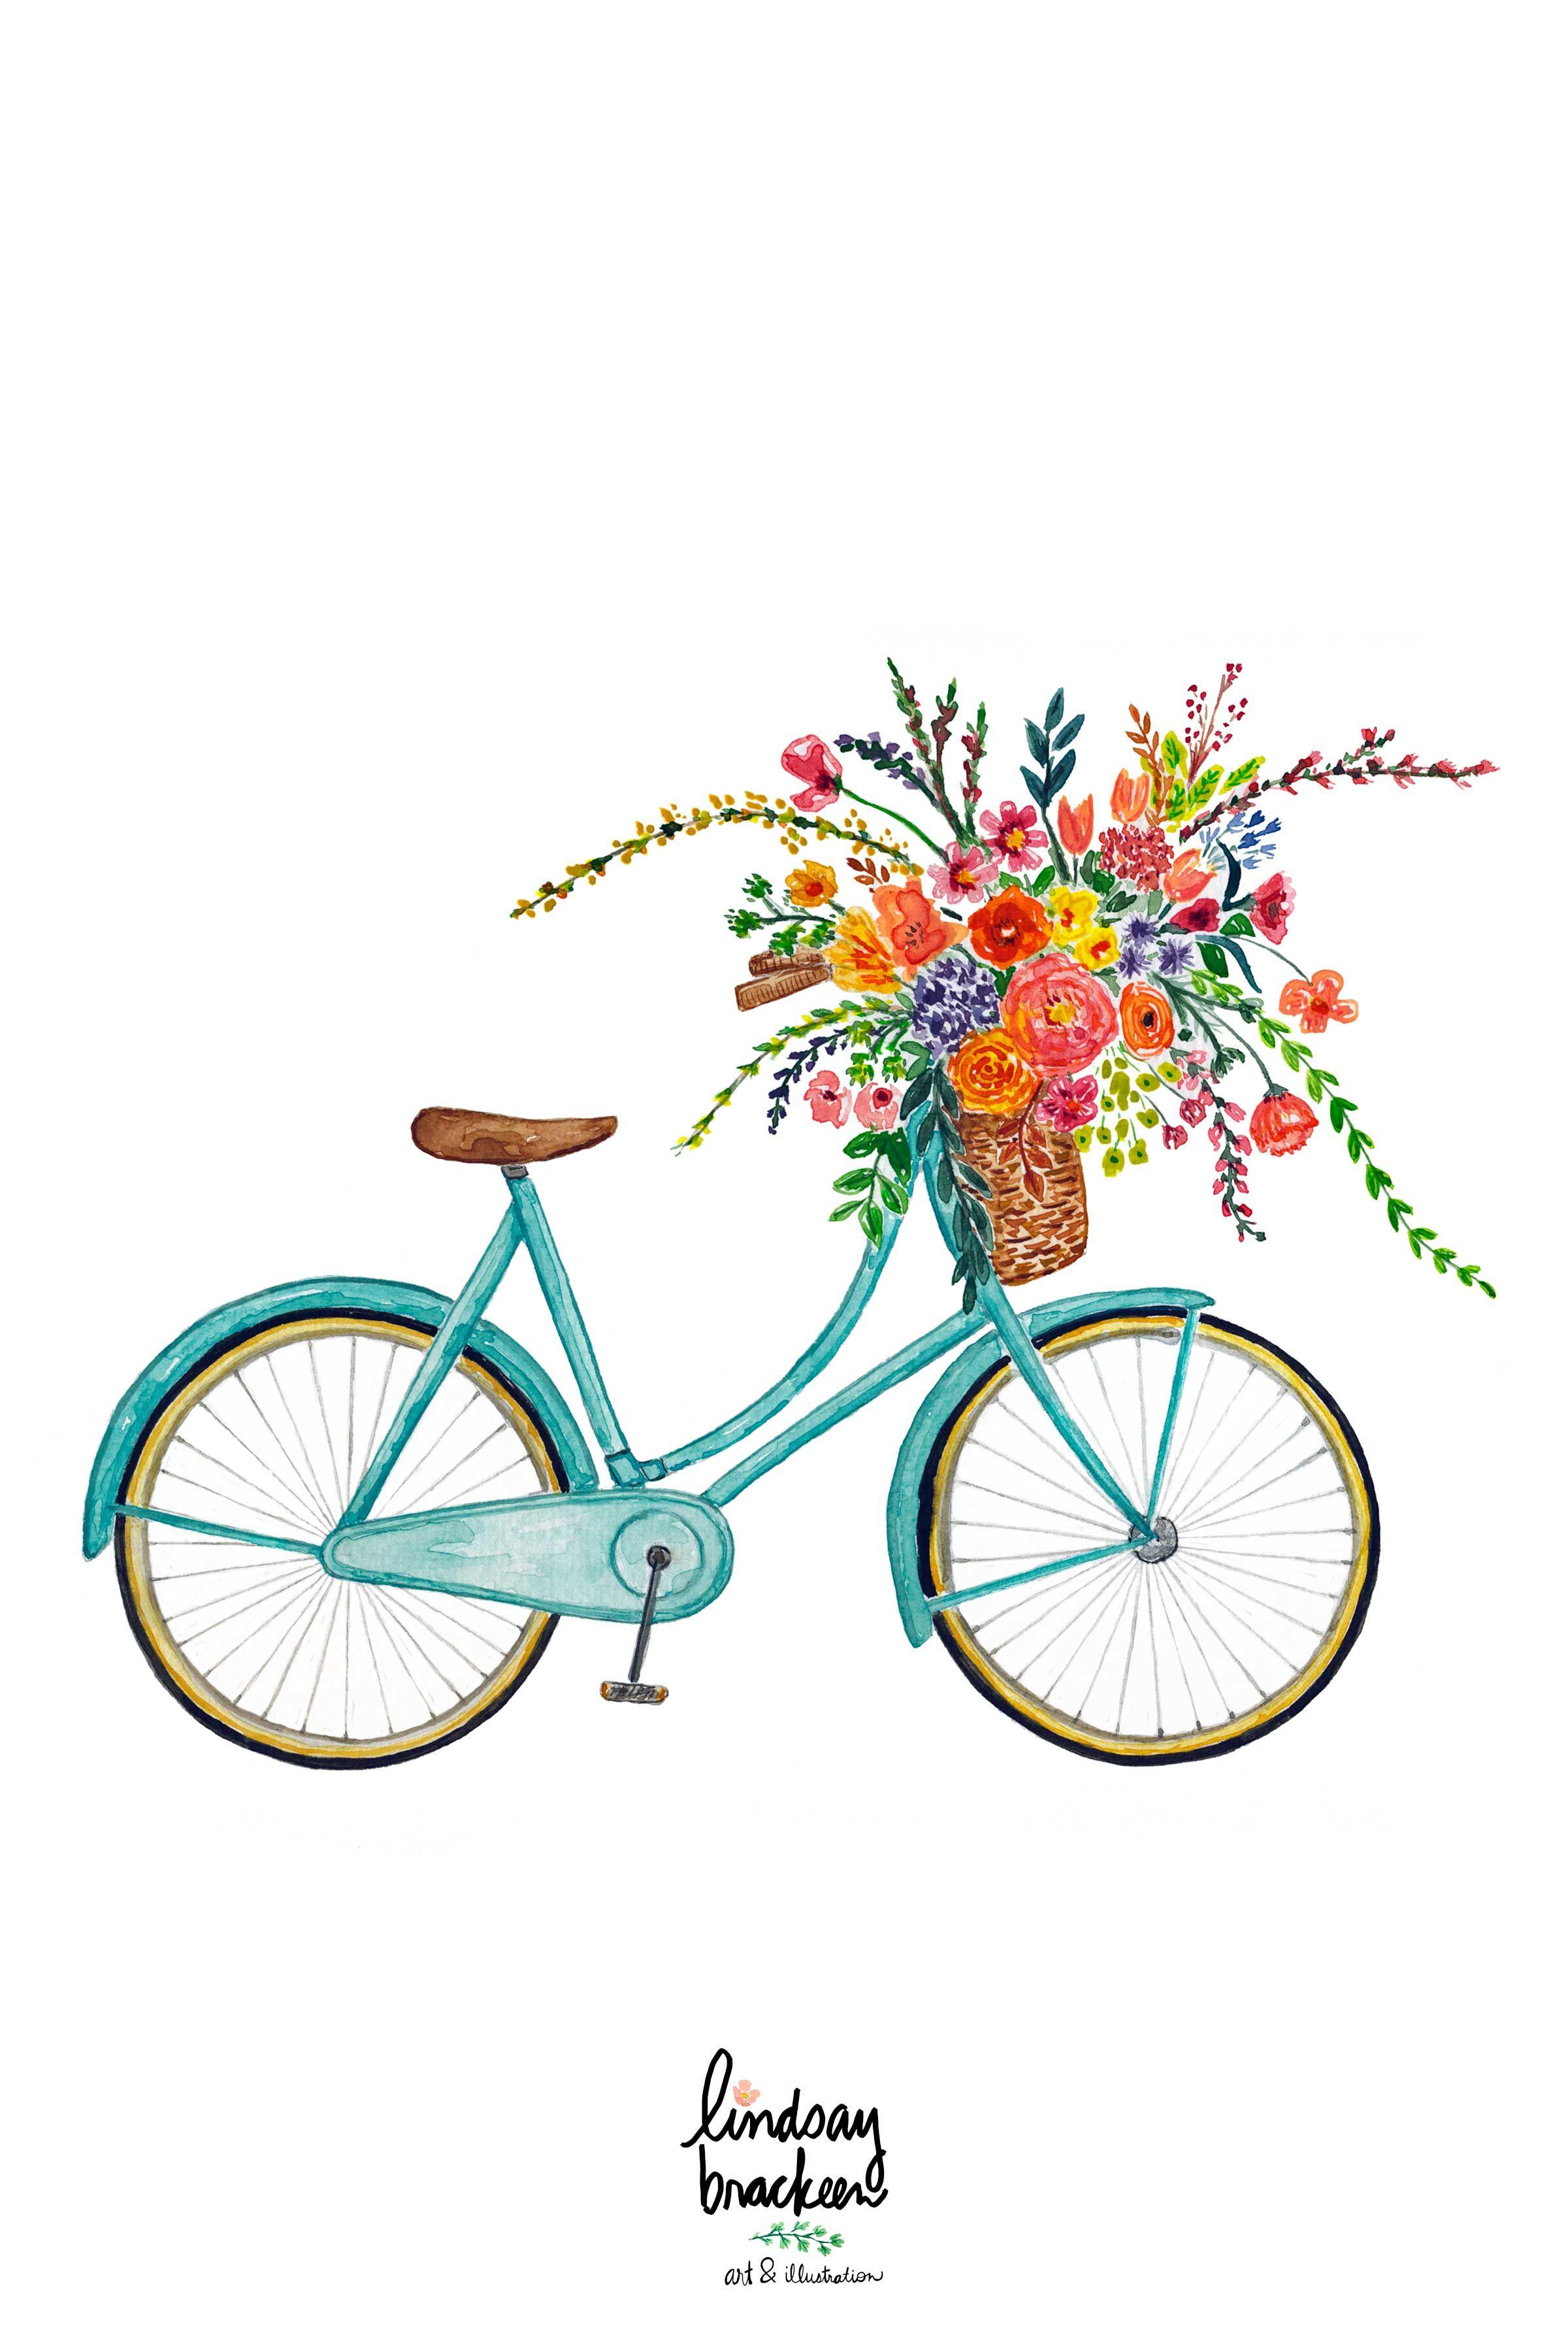 Vintage Blue Bike Bicycle Flower Basket Wall Art Print Floral Etsy Watercolor Flower Illustration Bicycle Illustration Bike Art